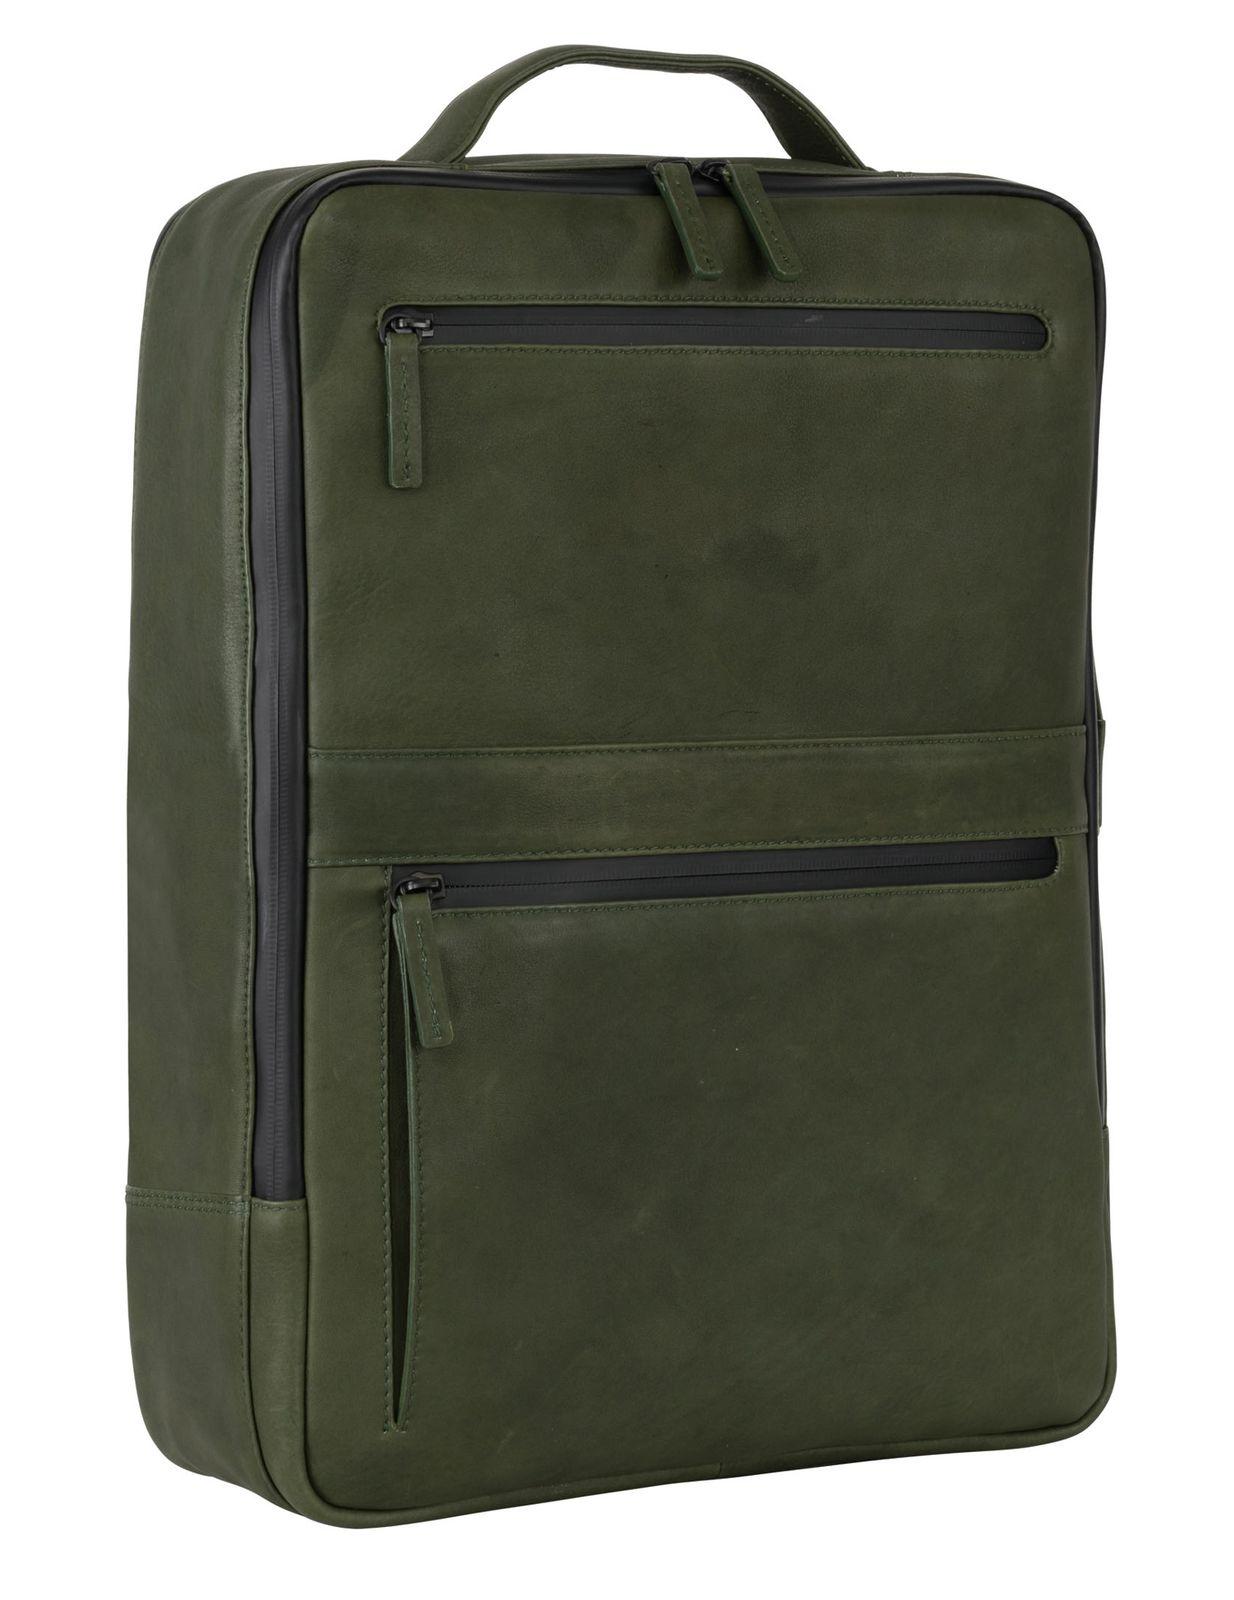 LEONHARD HEYDEN Den Haag Backpack Olive